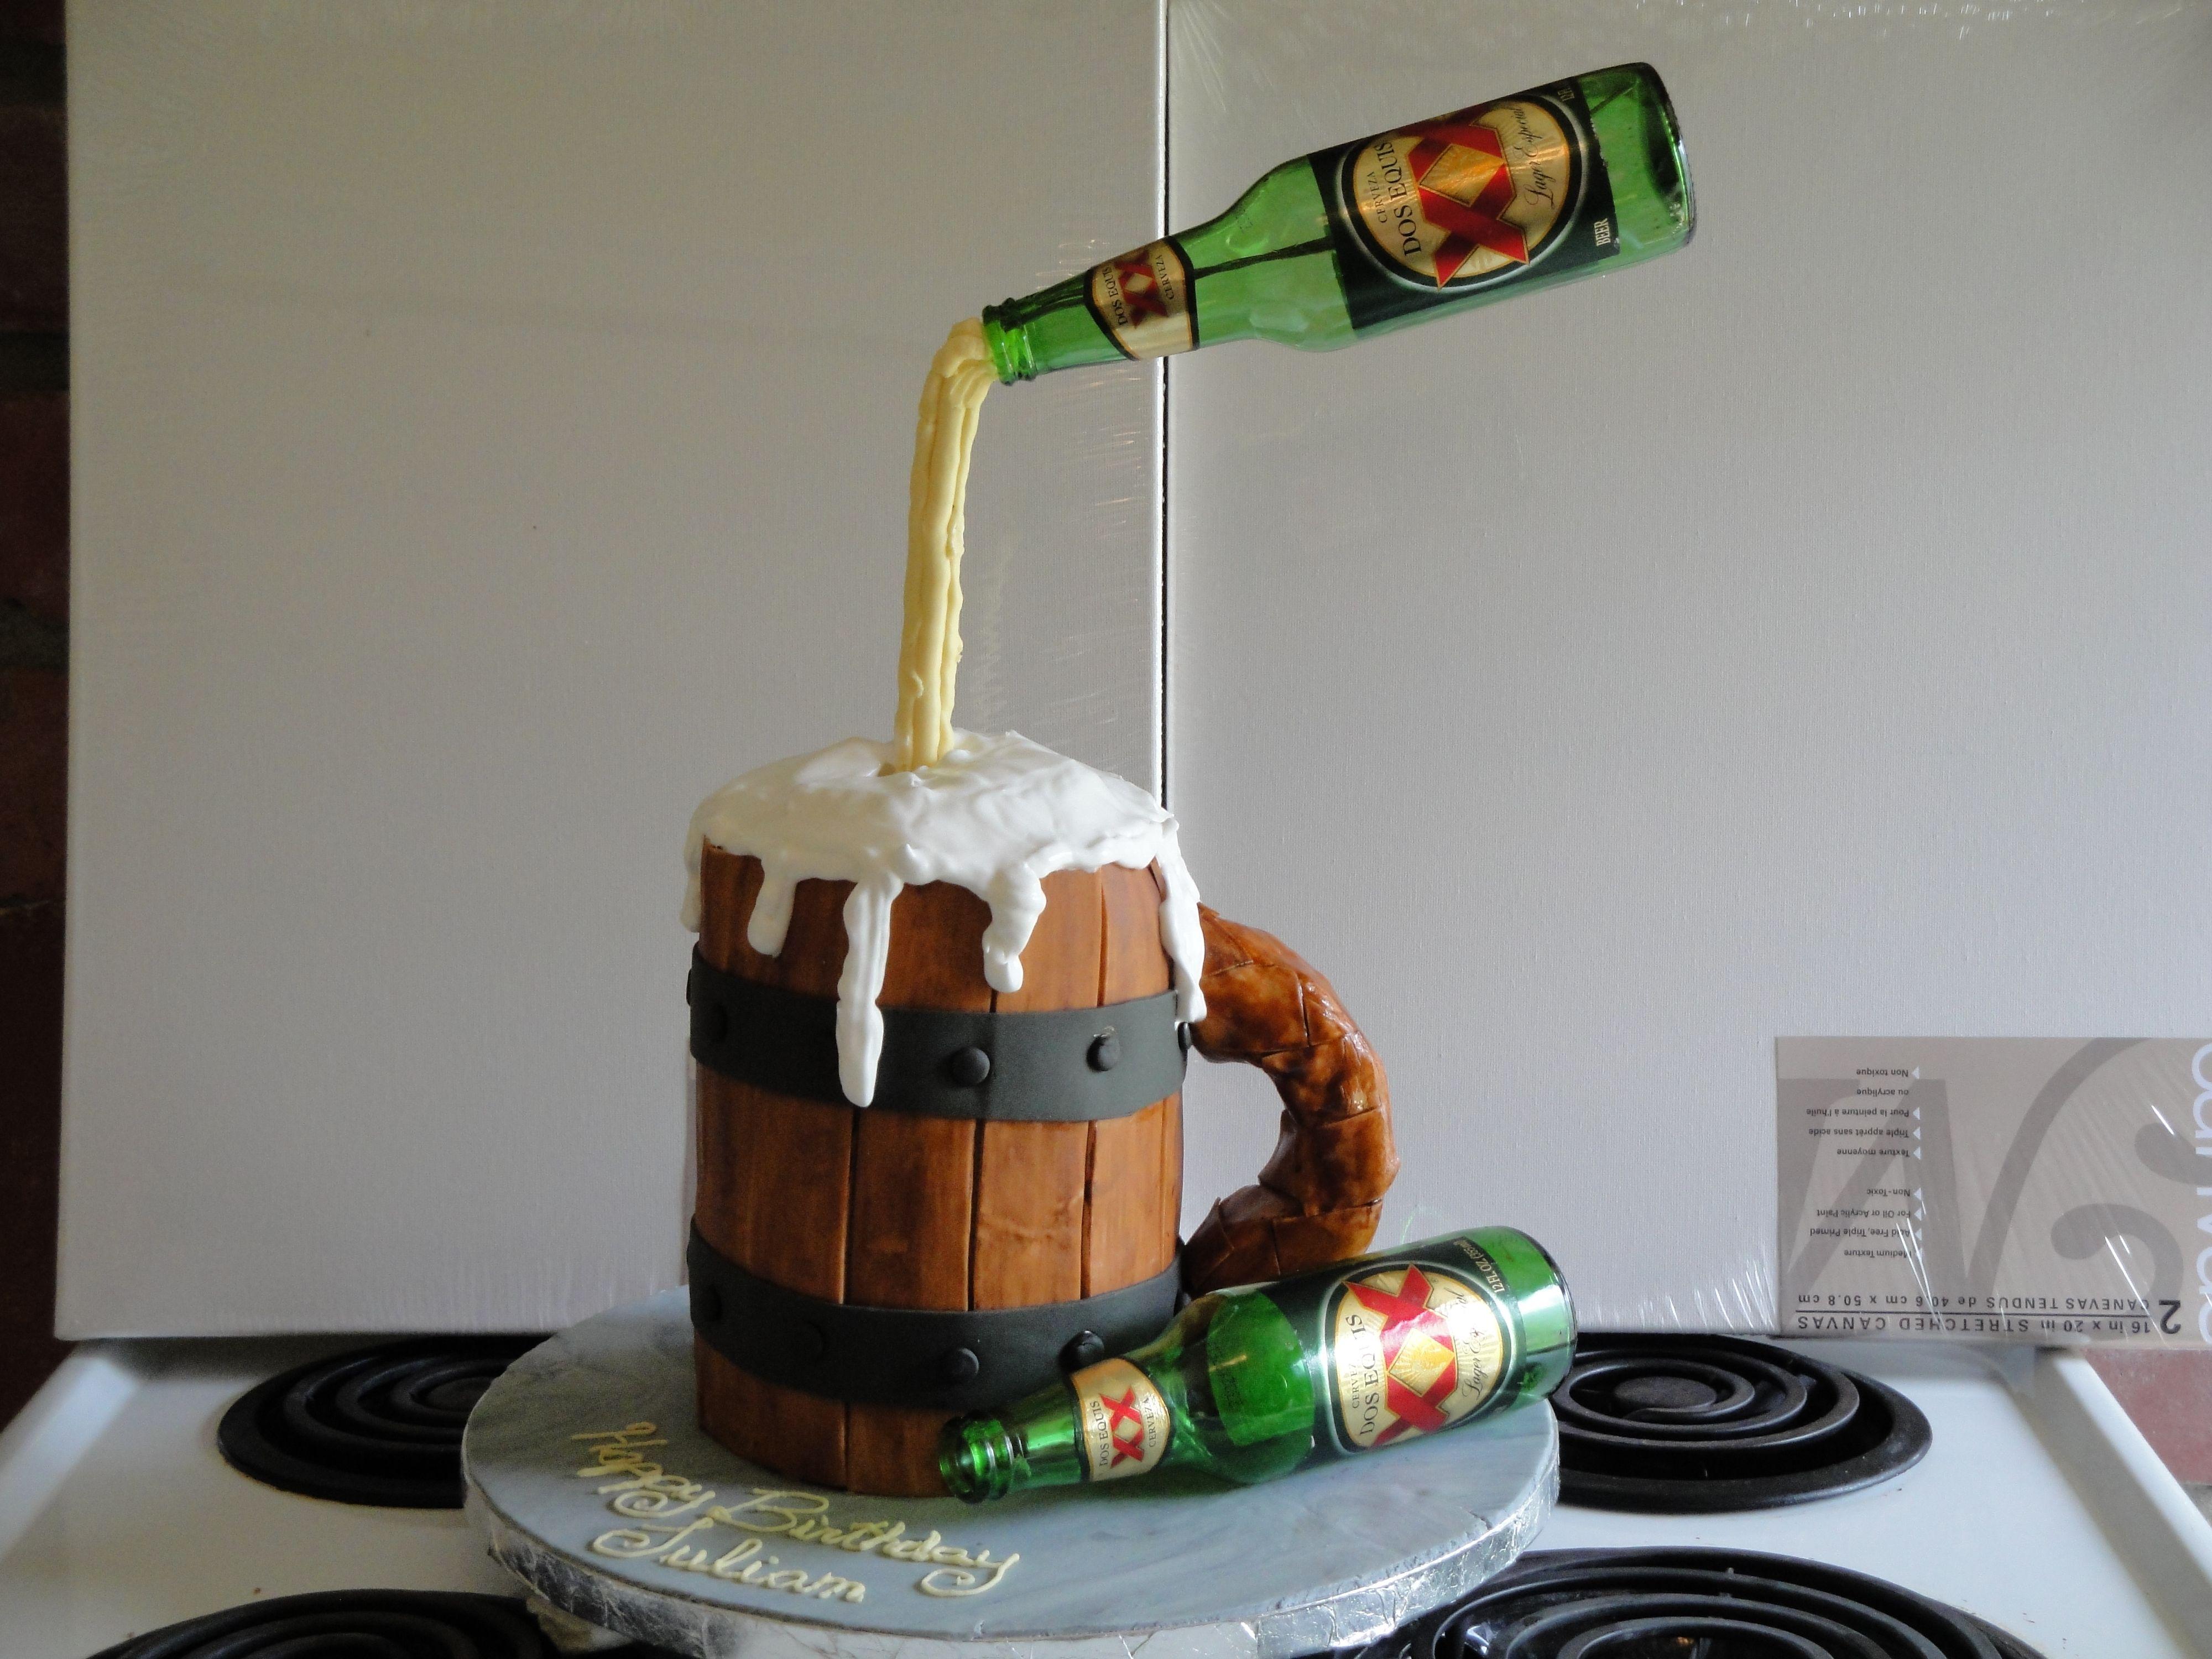 Beer With Images Beer Mug Cake Beer Bottle Cake Bottle Cake